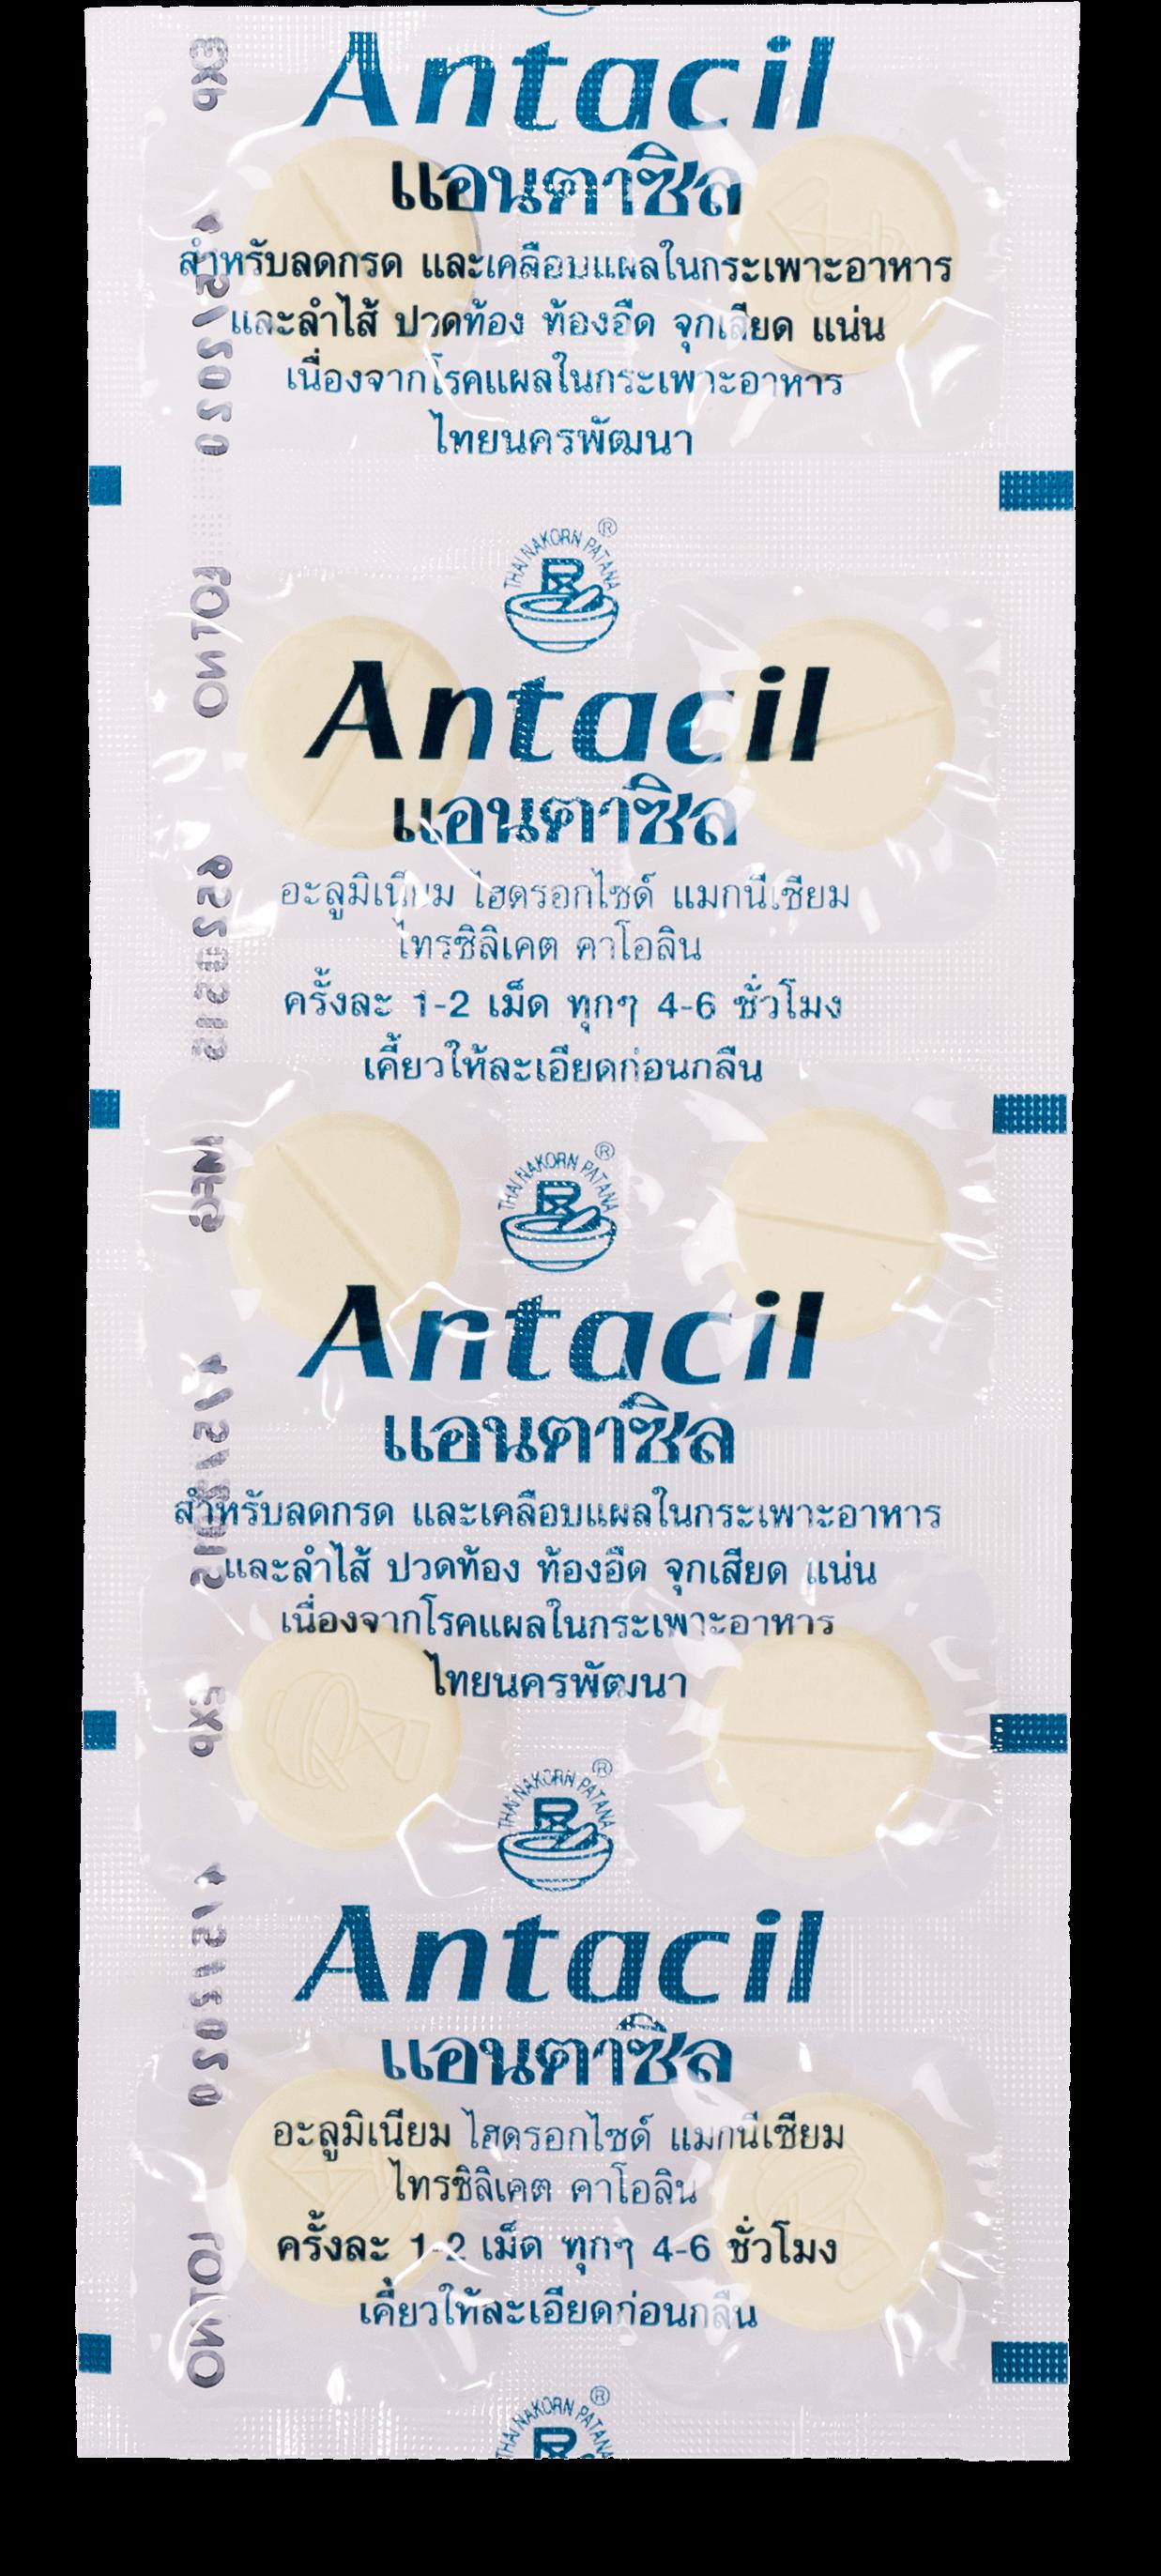 ยาเม็ดลดกรดในกระเพาะอาหาร Antacil ชนิดแผง